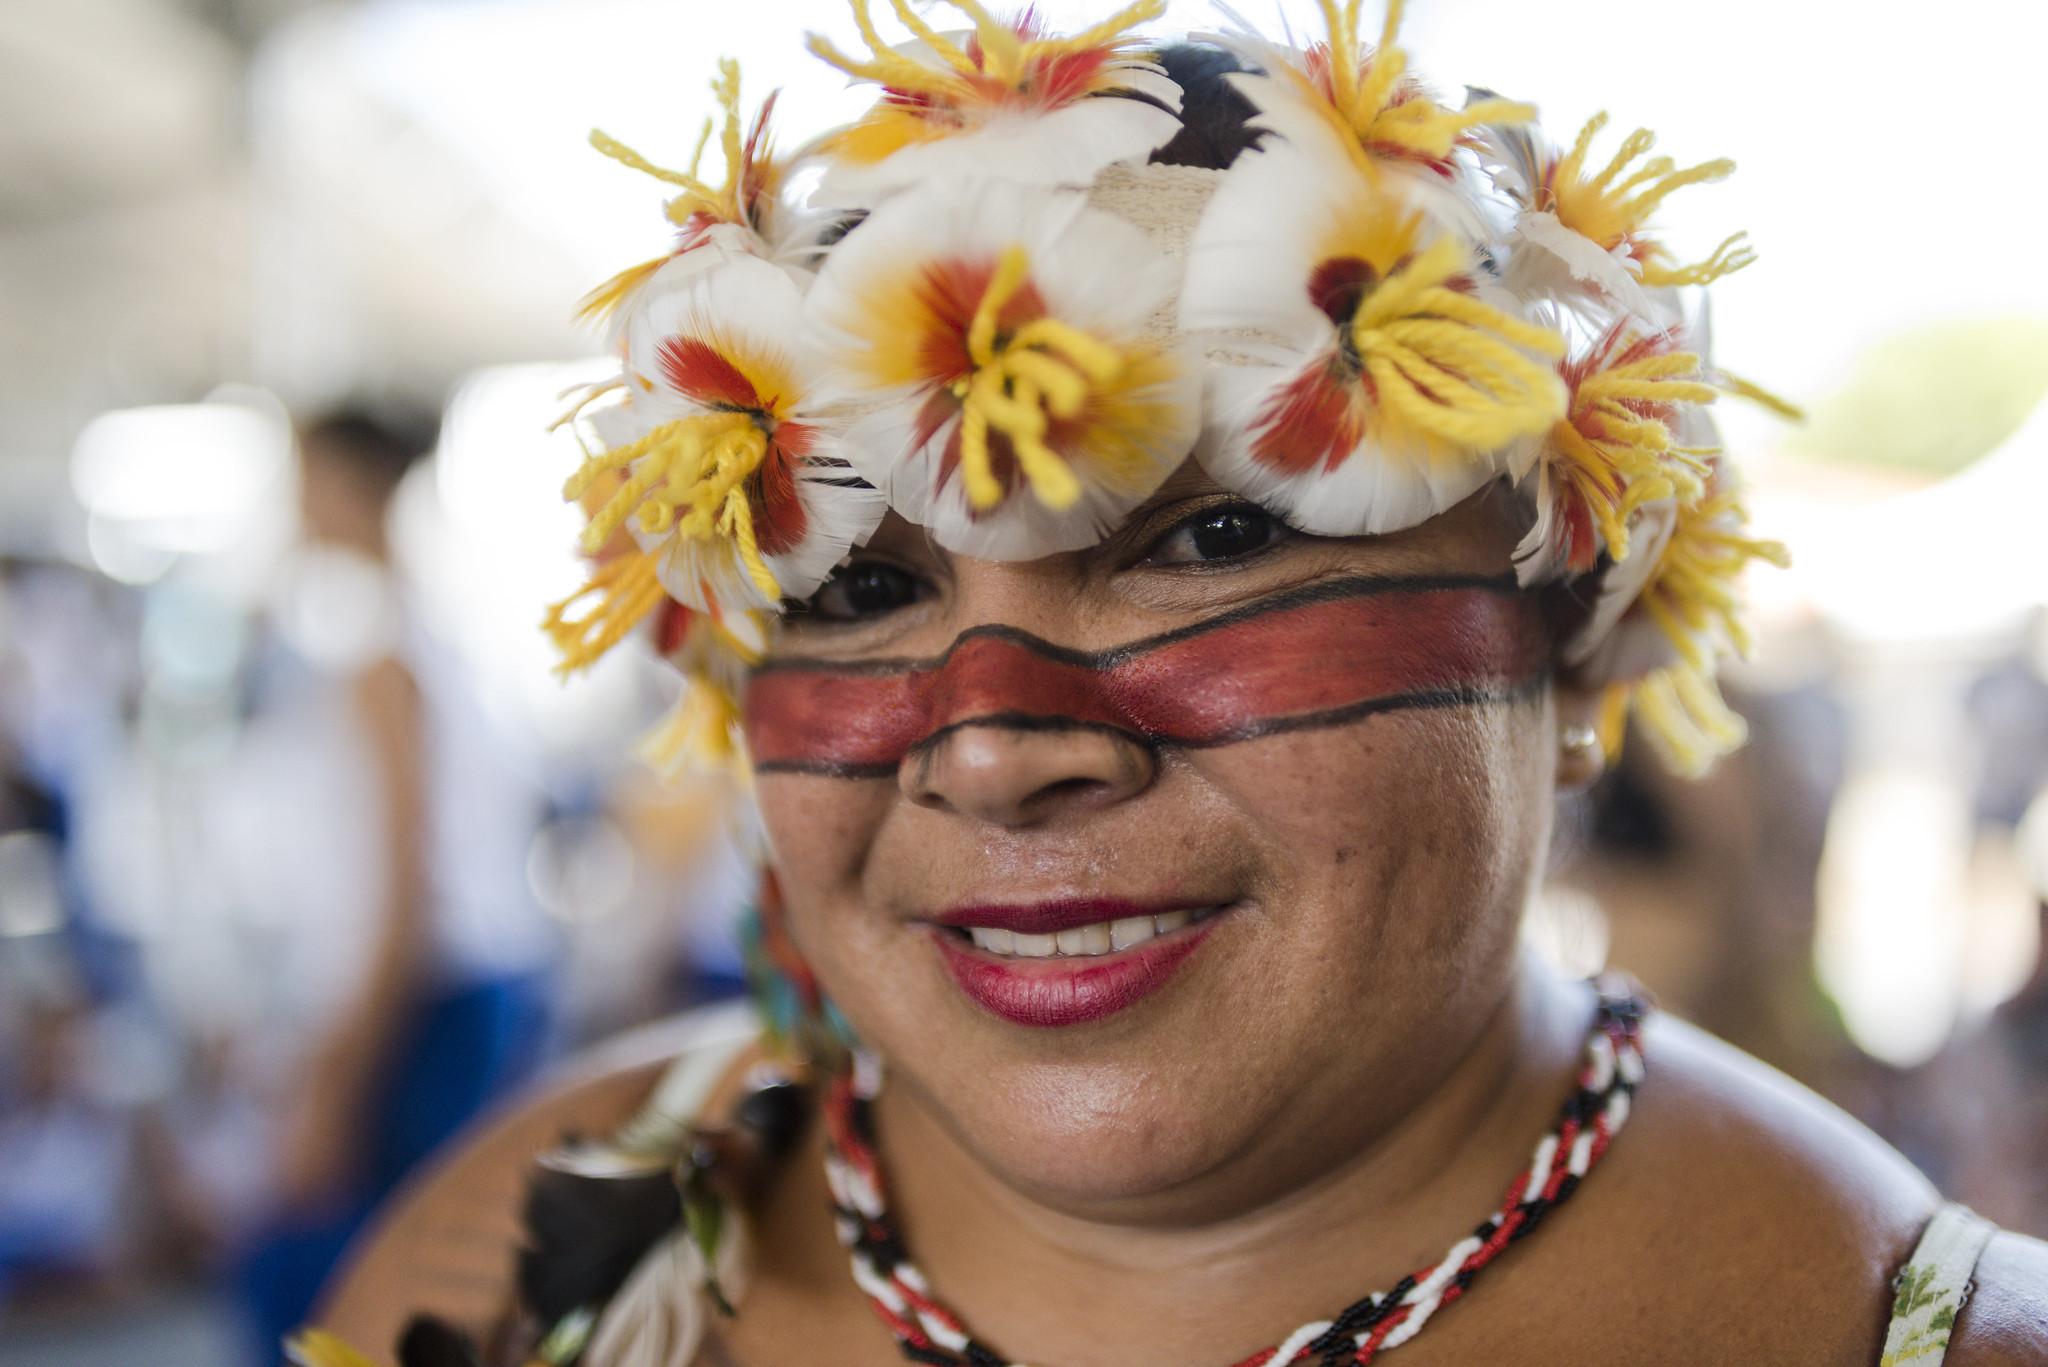 VI Herança Nativa mostra registros audiovisuais de povos e comunidades tradicionais do Ceará